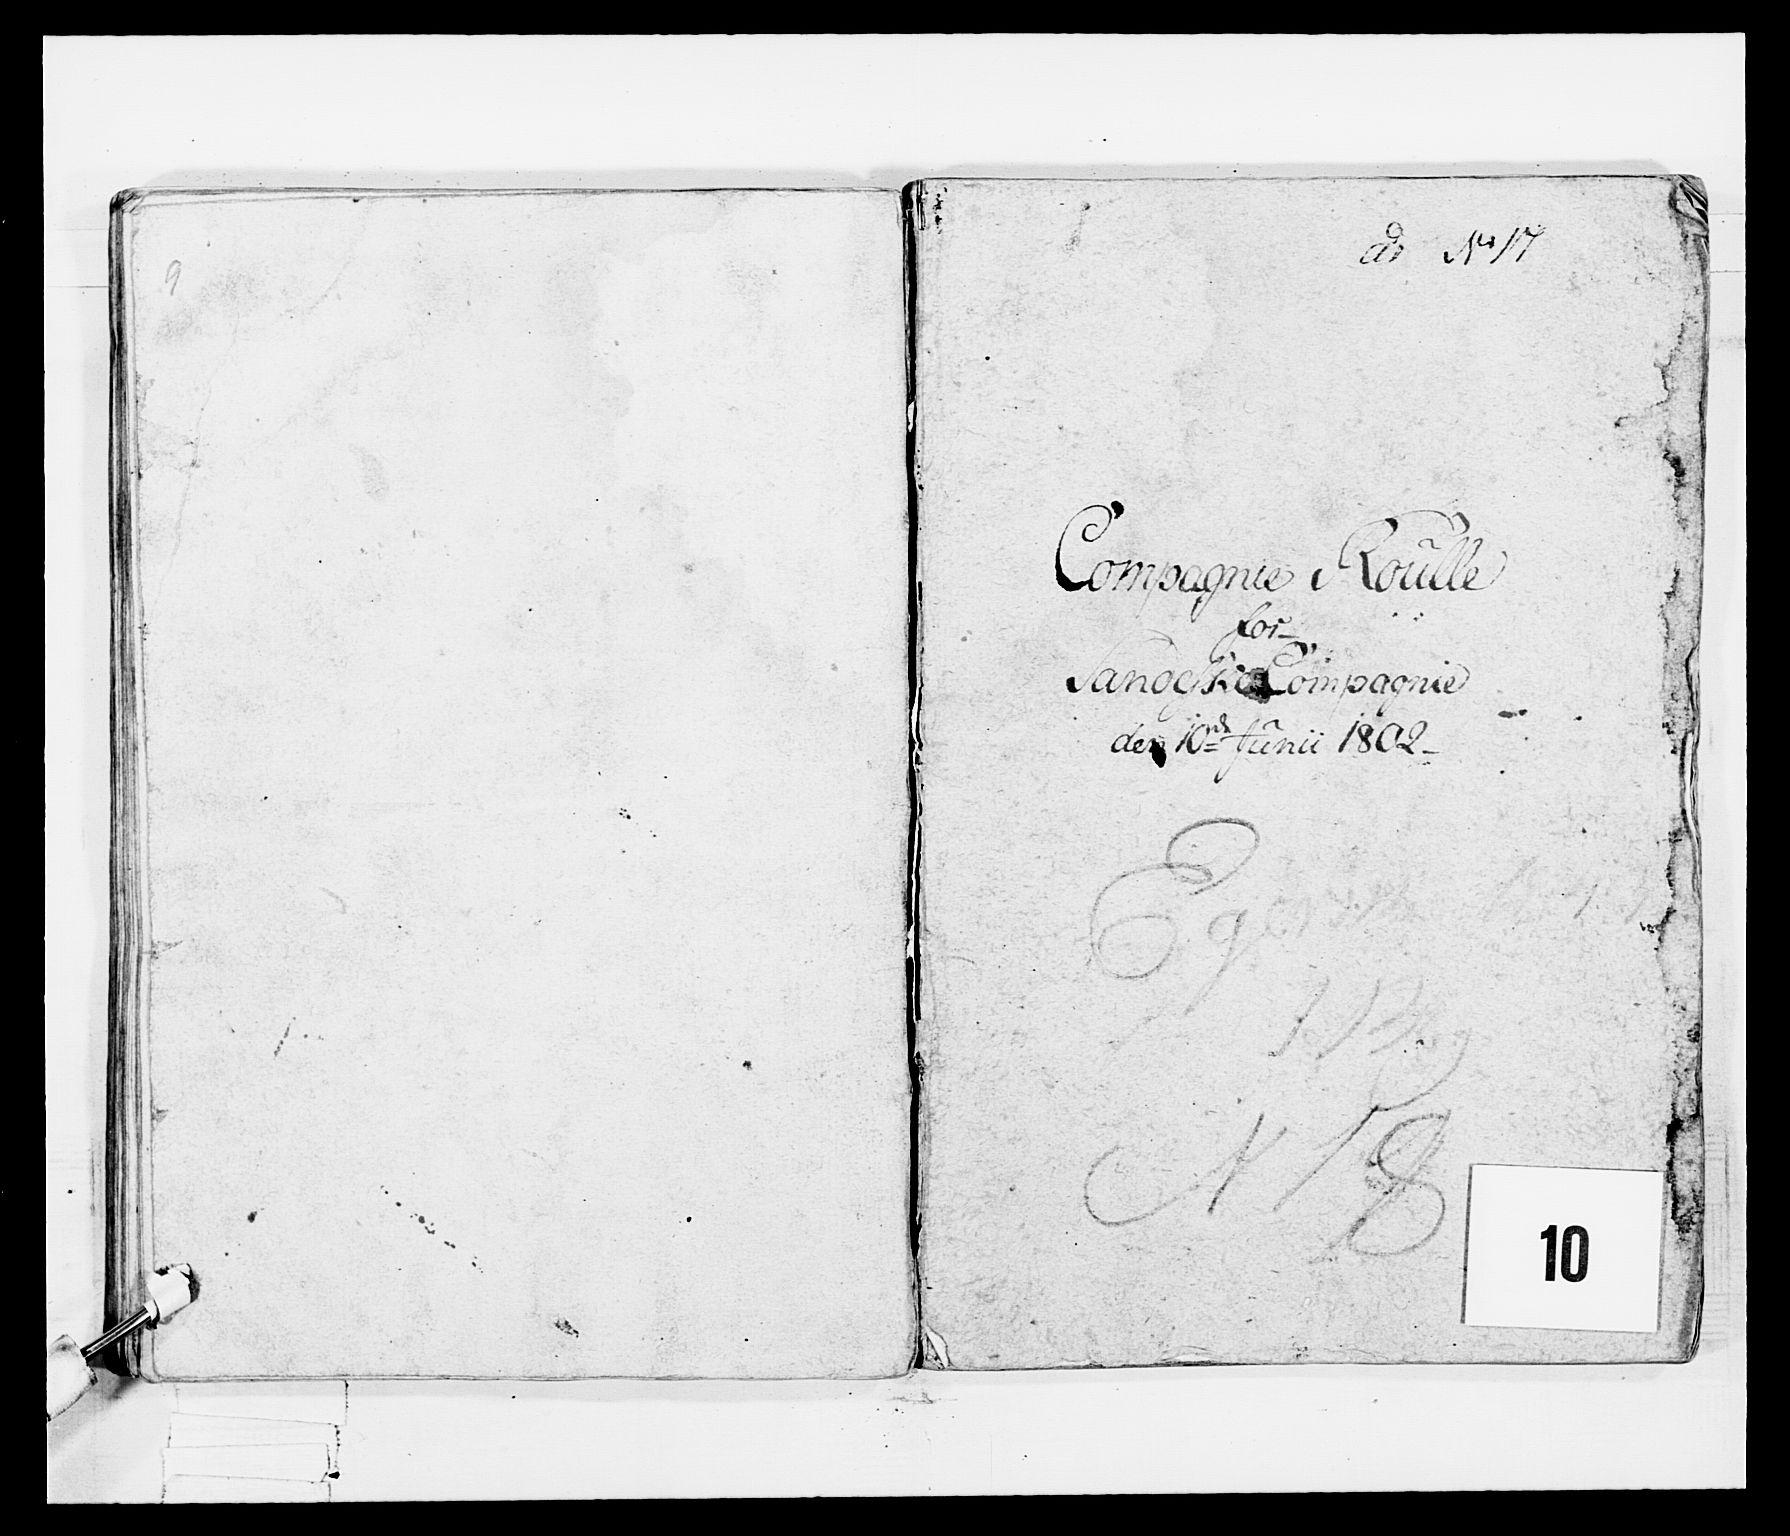 RA, Generalitets- og kommissariatskollegiet, Det kongelige norske kommissariatskollegium, E/Eh/L0047: 2. Akershusiske nasjonale infanteriregiment, 1791-1810, s. 97